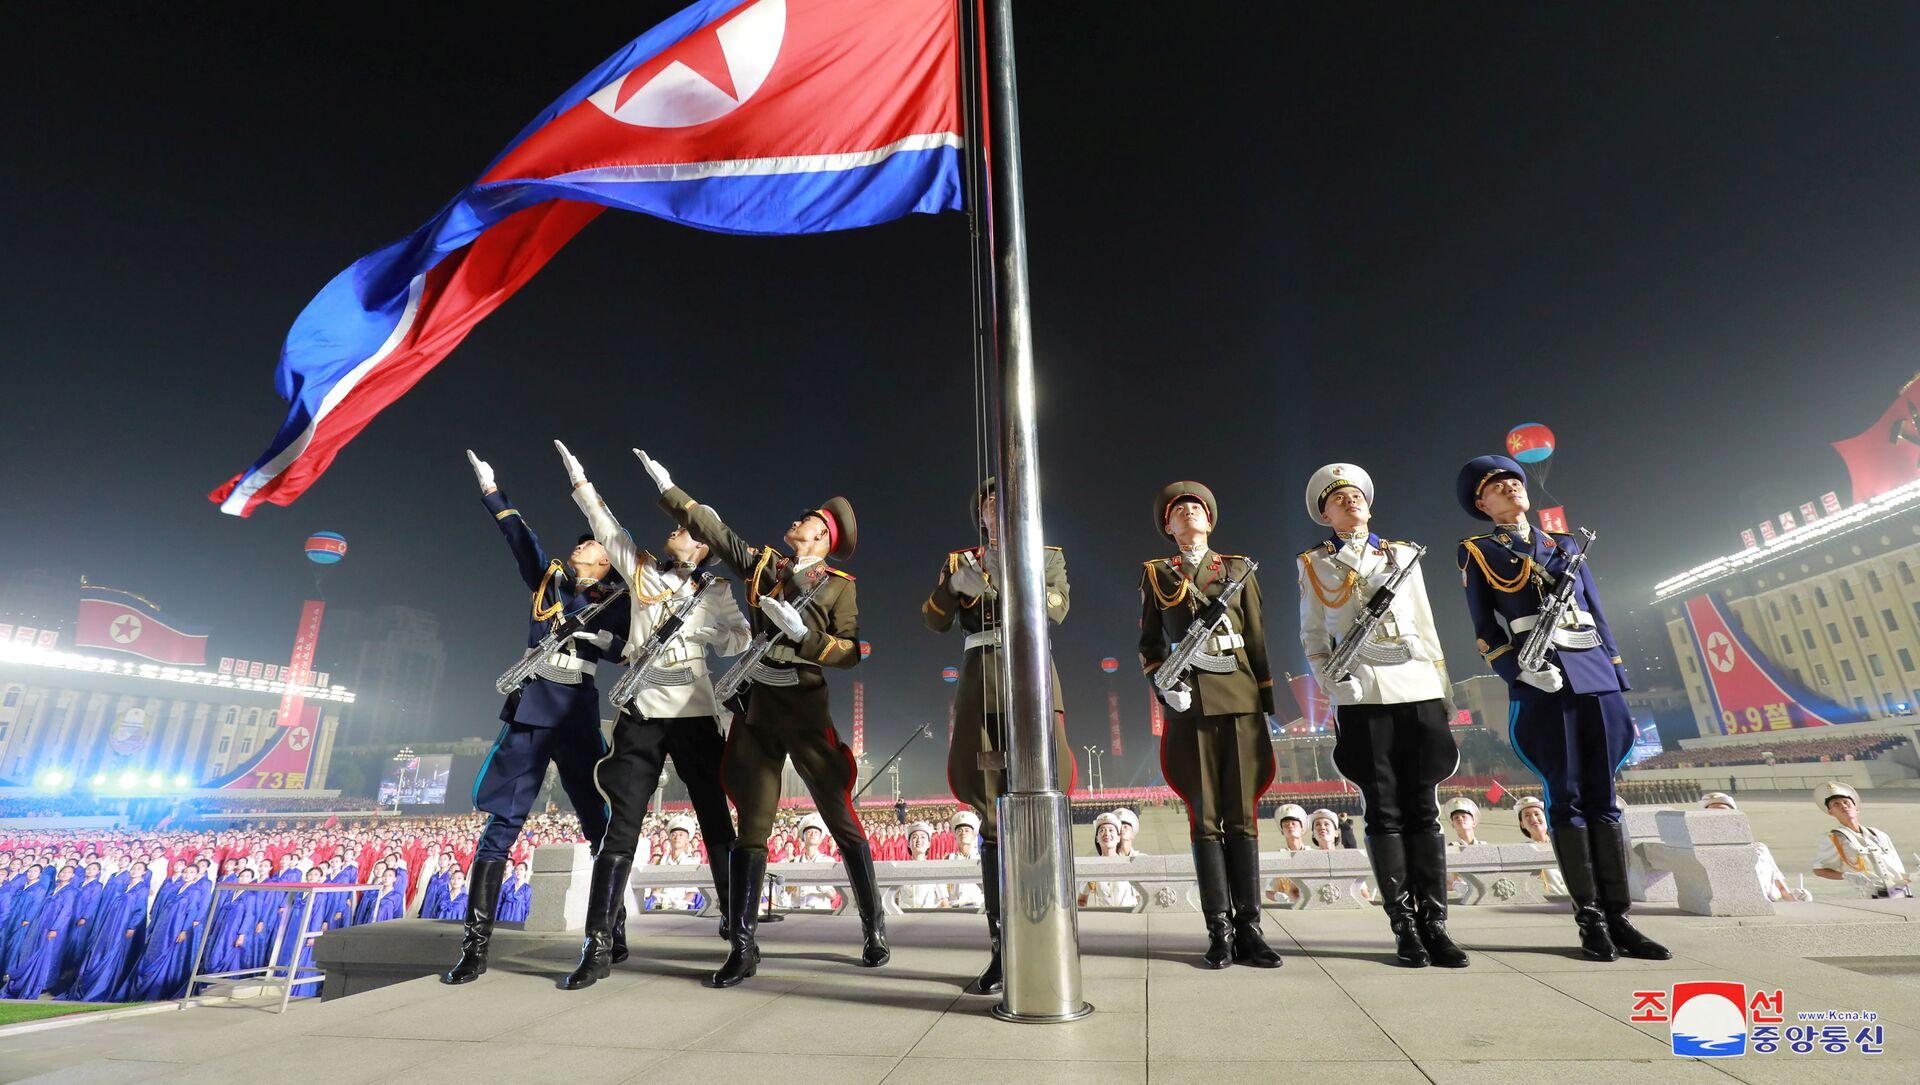 Сuộc duyệt binh của lực lượng dân quân và an ninh để  kỷ niệm 73 năm ngày thành lập Chính phủ nhân dân và Quốc khánh CHDCND Triều Tiên - Sputnik Việt Nam, 1920, 09.09.2021